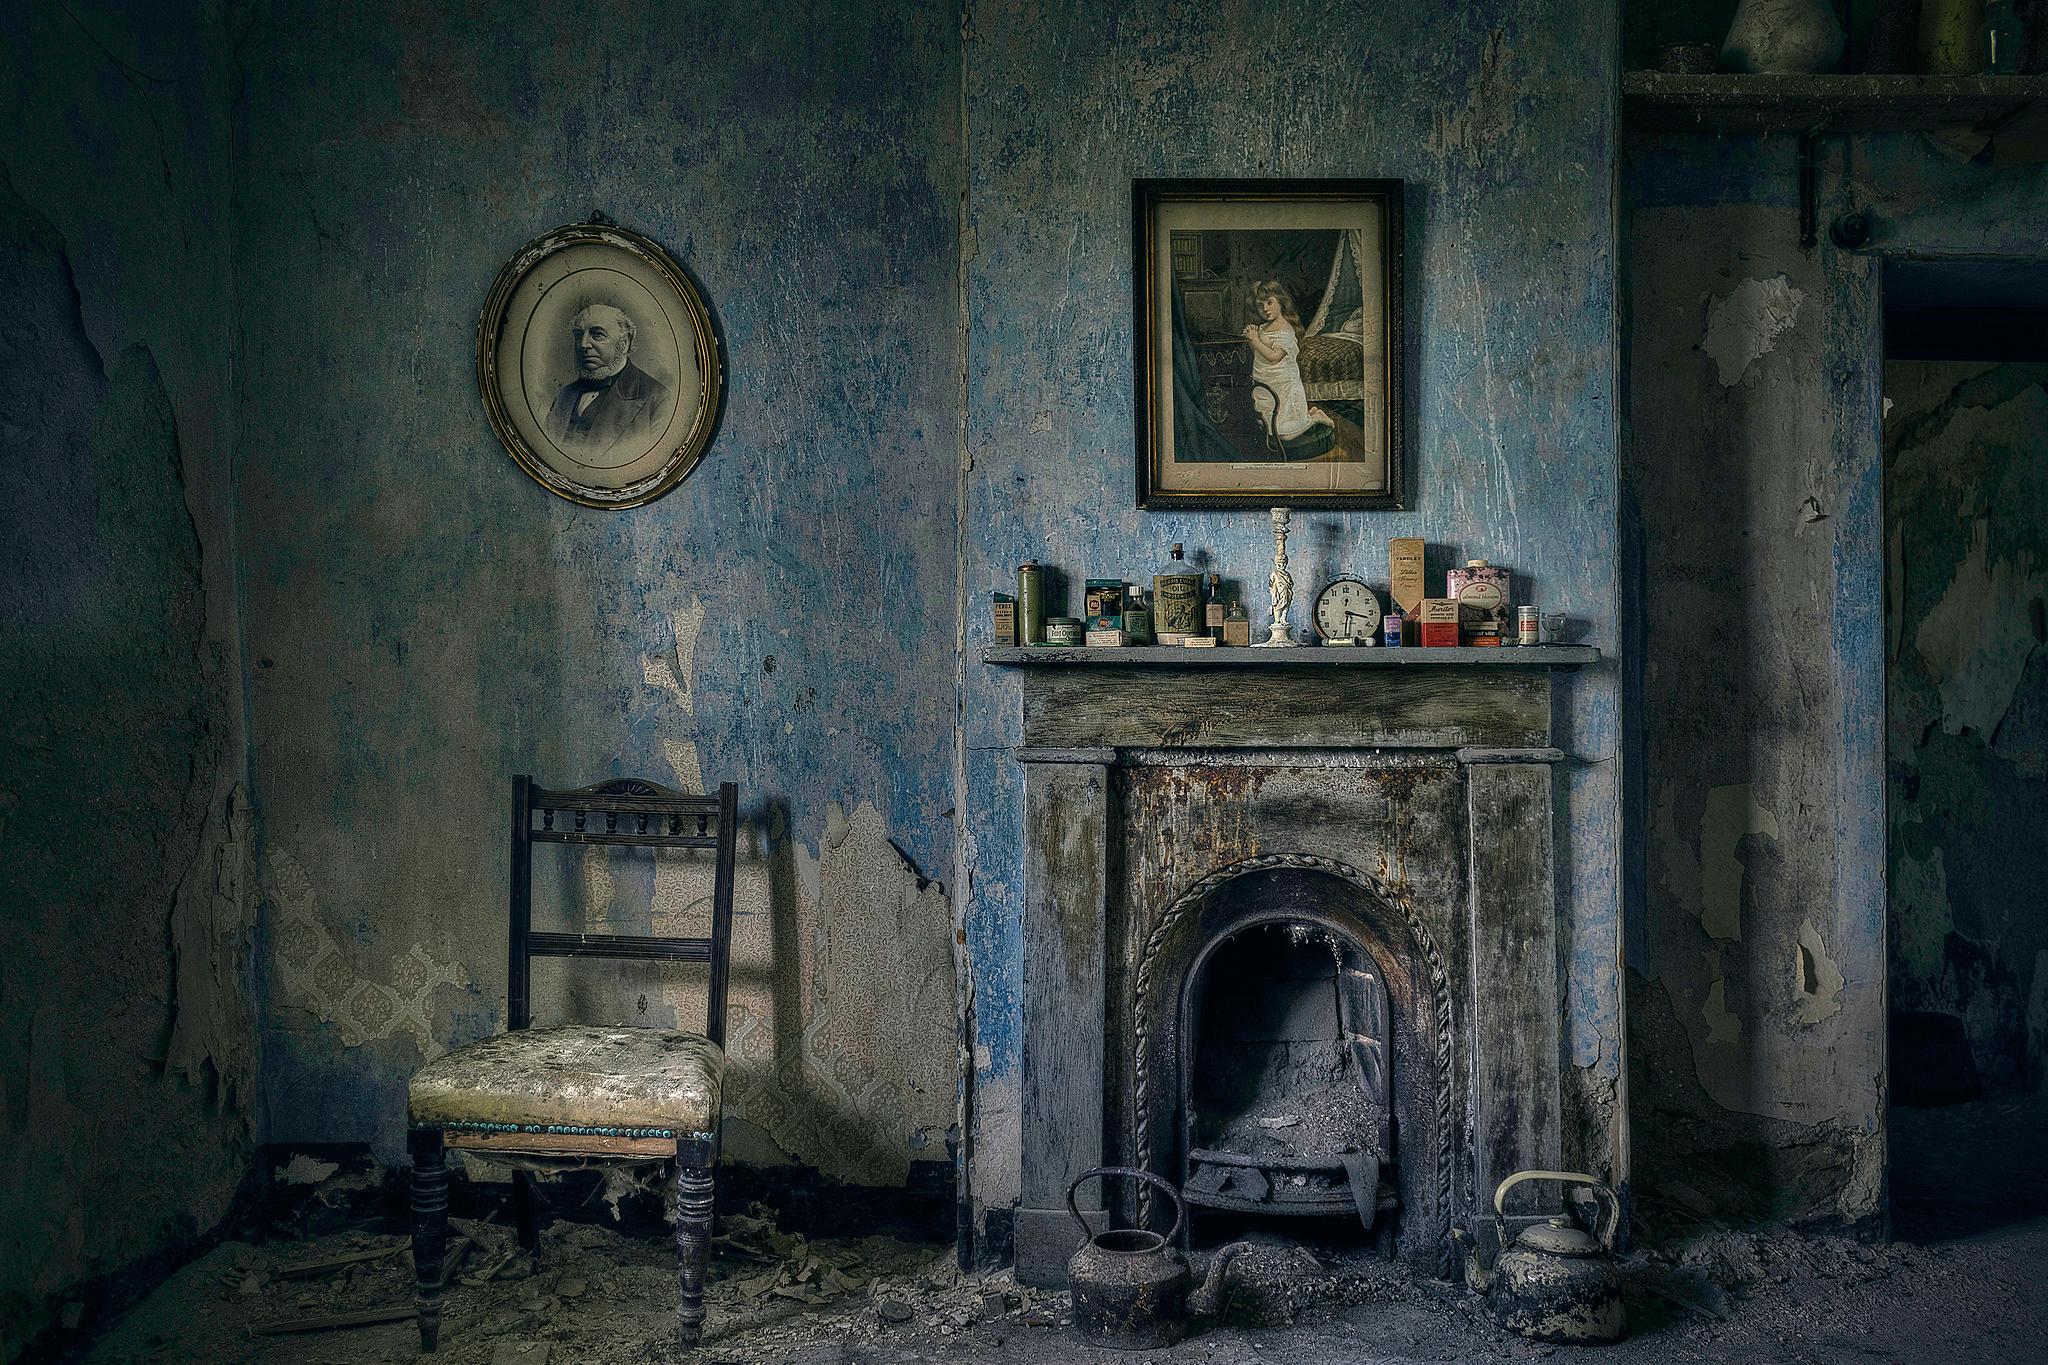 доехали стены комнат убраны были несколькими картинками и картинками в старинных принимает